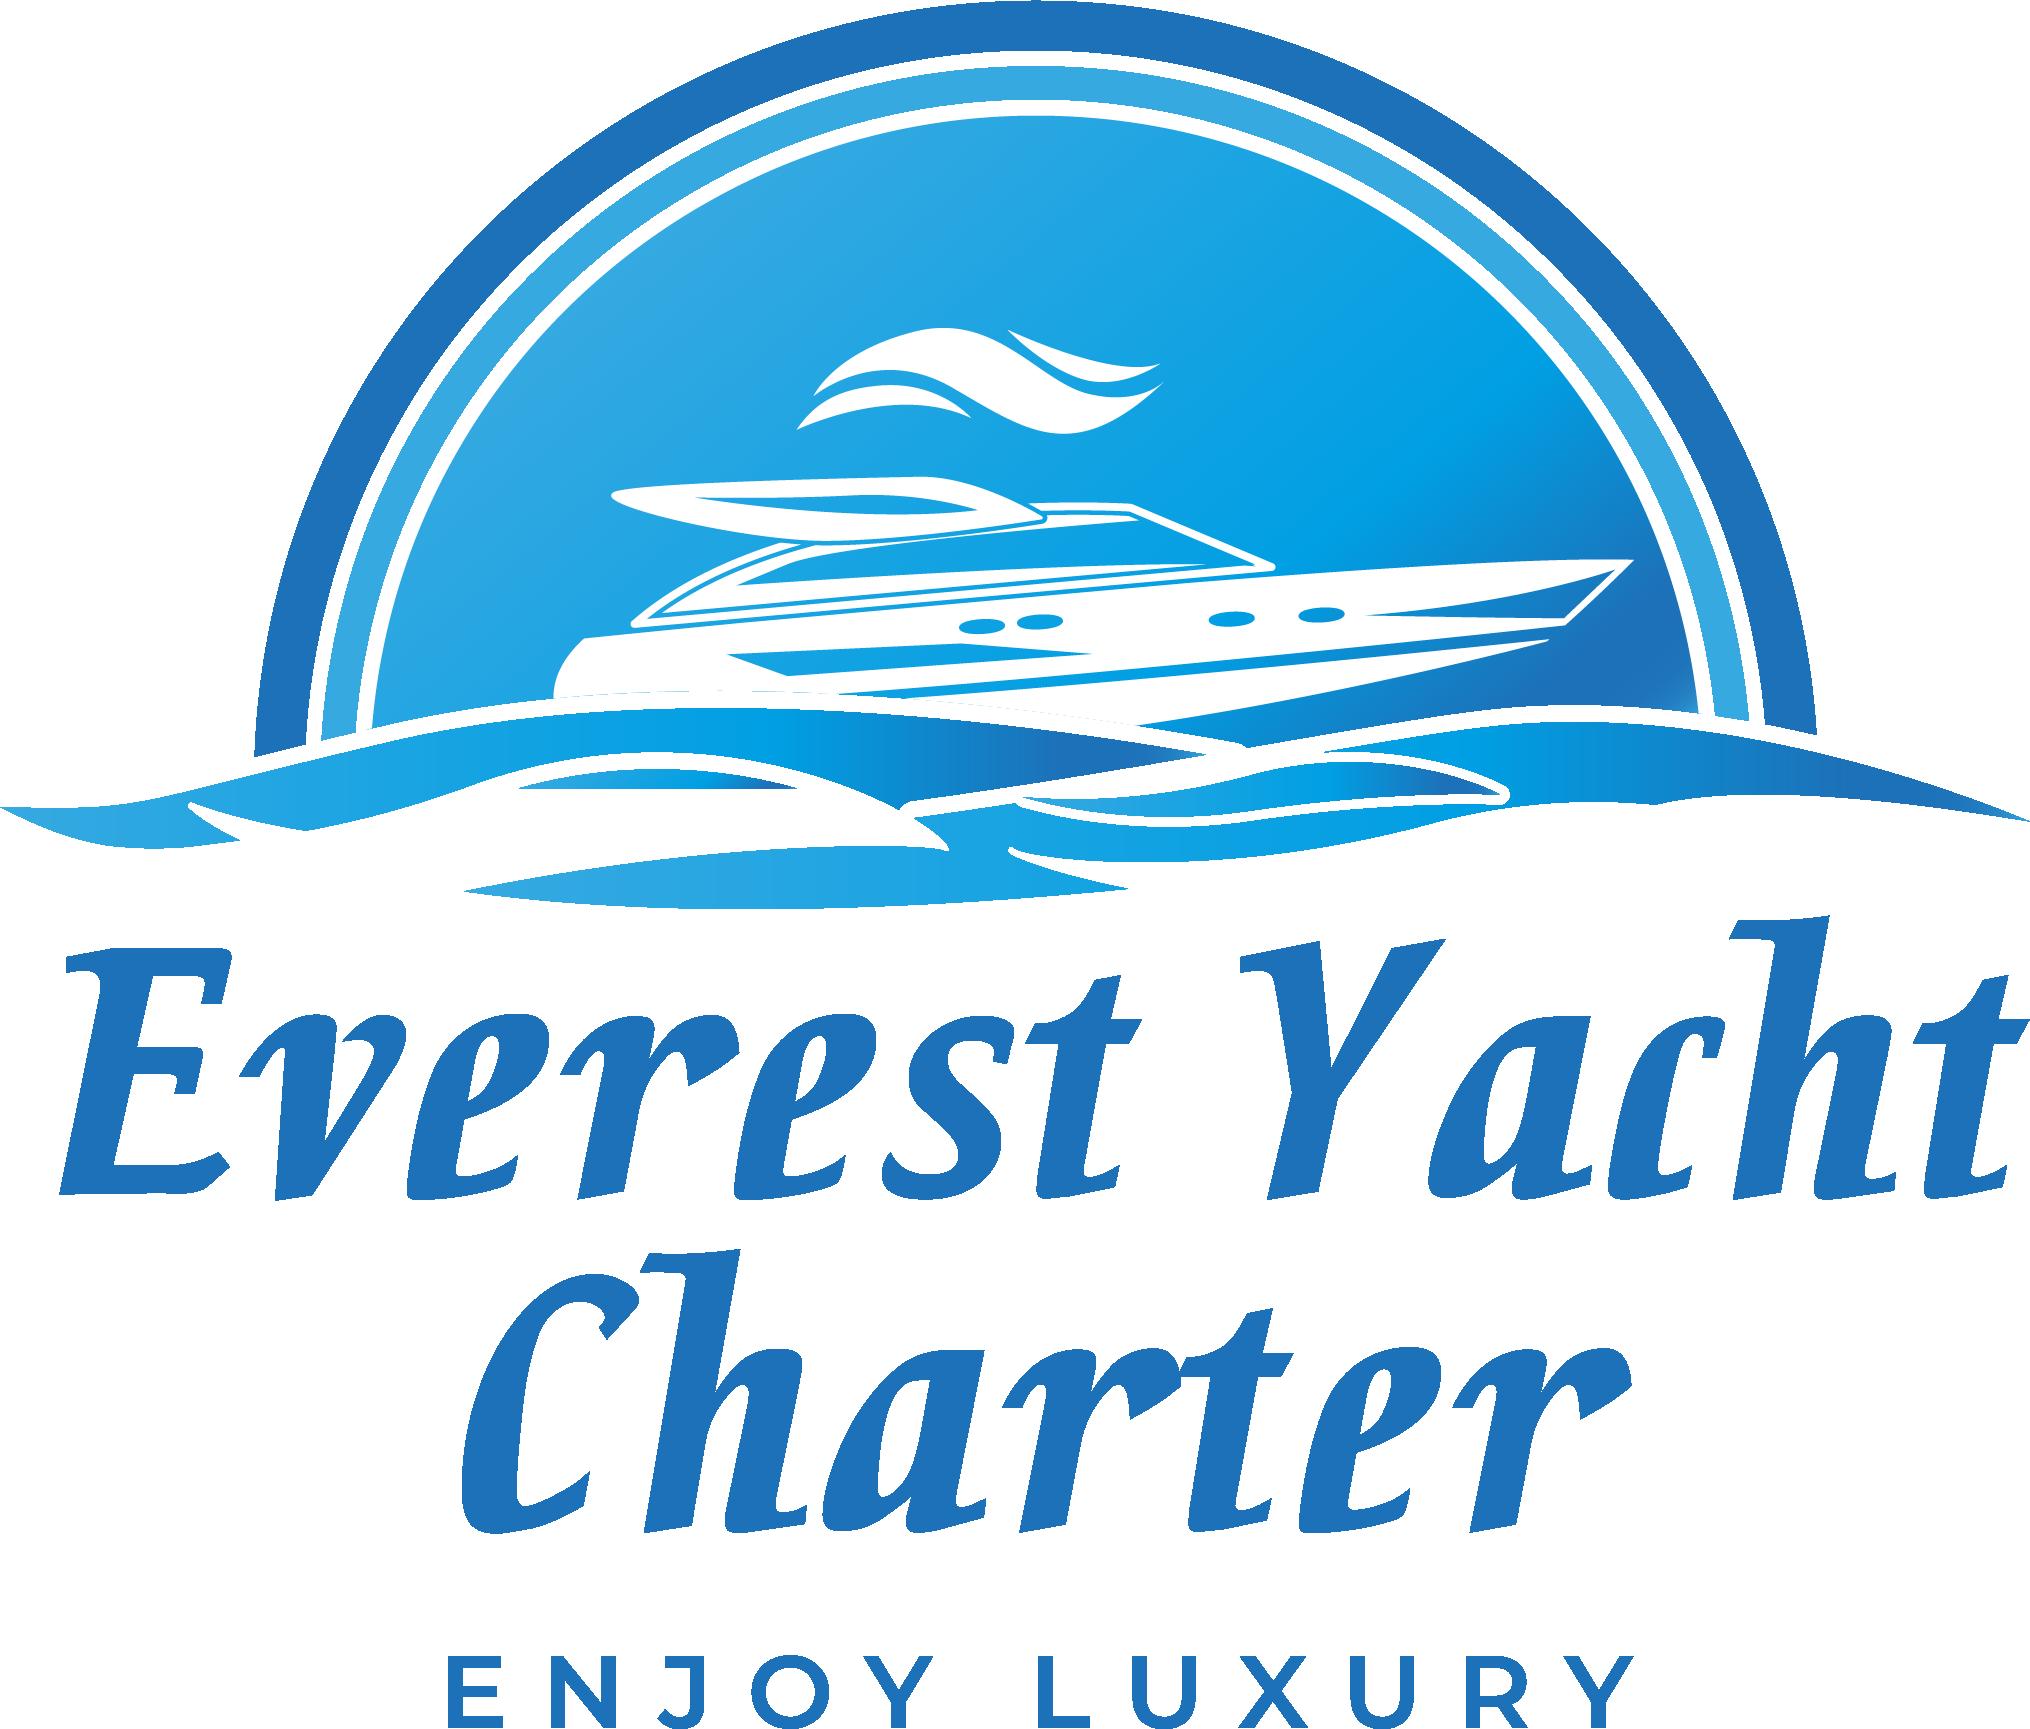 Everest Yacht Charter